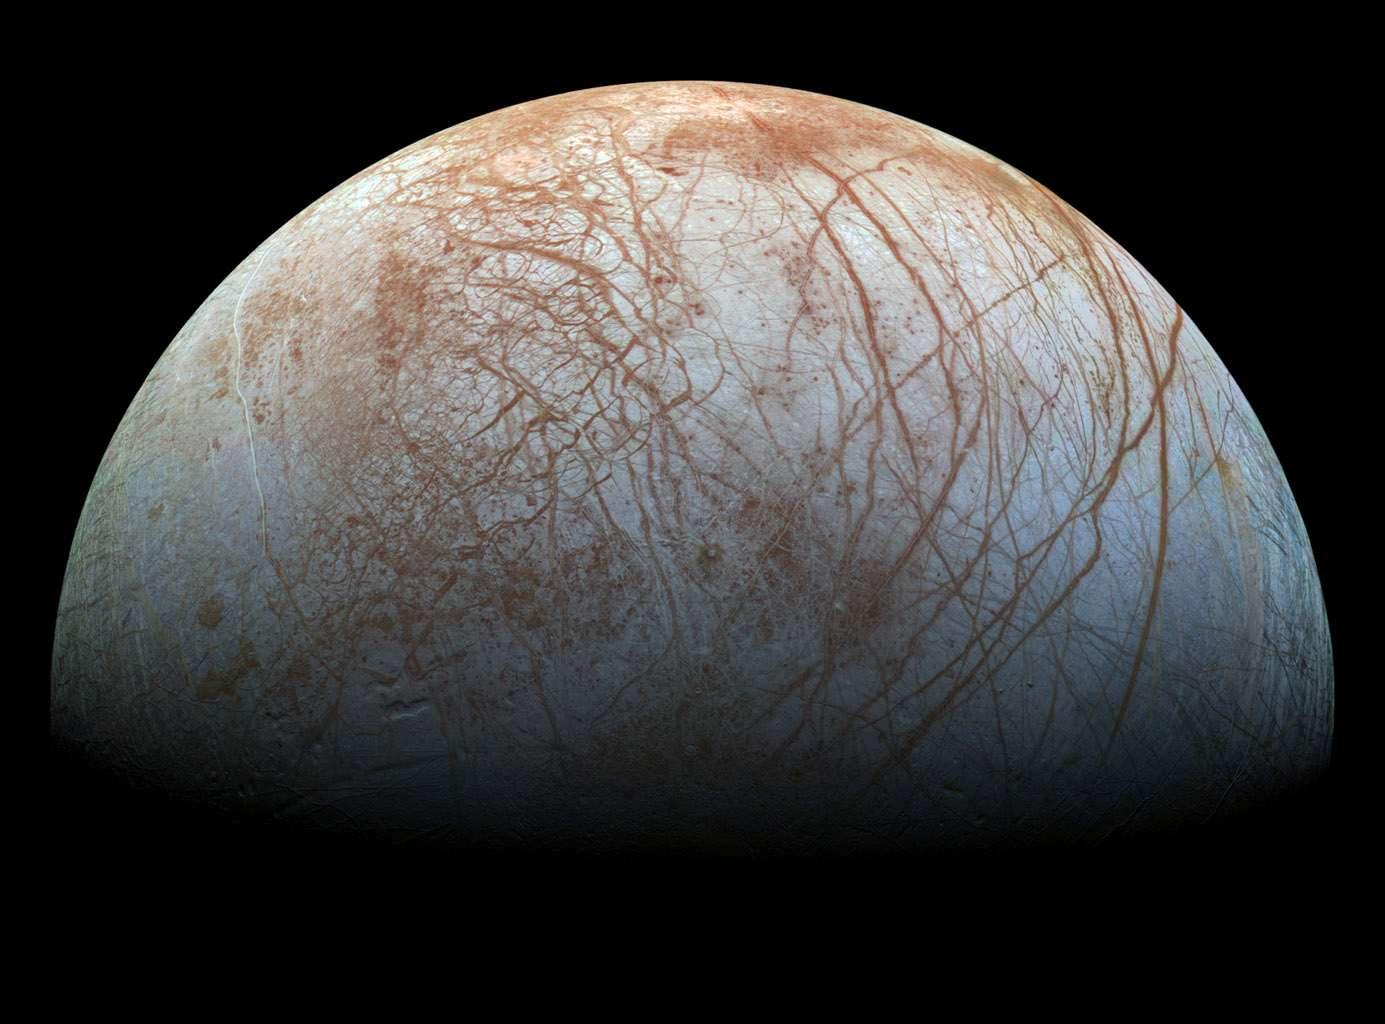 Cette image mosaïque vient d'être réalisée à partir de photographies prises par la sonde spatiale Galileo lors de survols en 1995 et 1998. Dans ces régions, le blanc et le bleu, qui dominent, indiquent une densité plus importante de glace d'eau pure. Quant aux vaisseaux rouges et ocre qui veinent les régions équatoriales, il s'agit de matériaux non aqueux qui s'accumulent dans des lignes de fractures. © Nasa, JPL-Caltech, Seti Institute